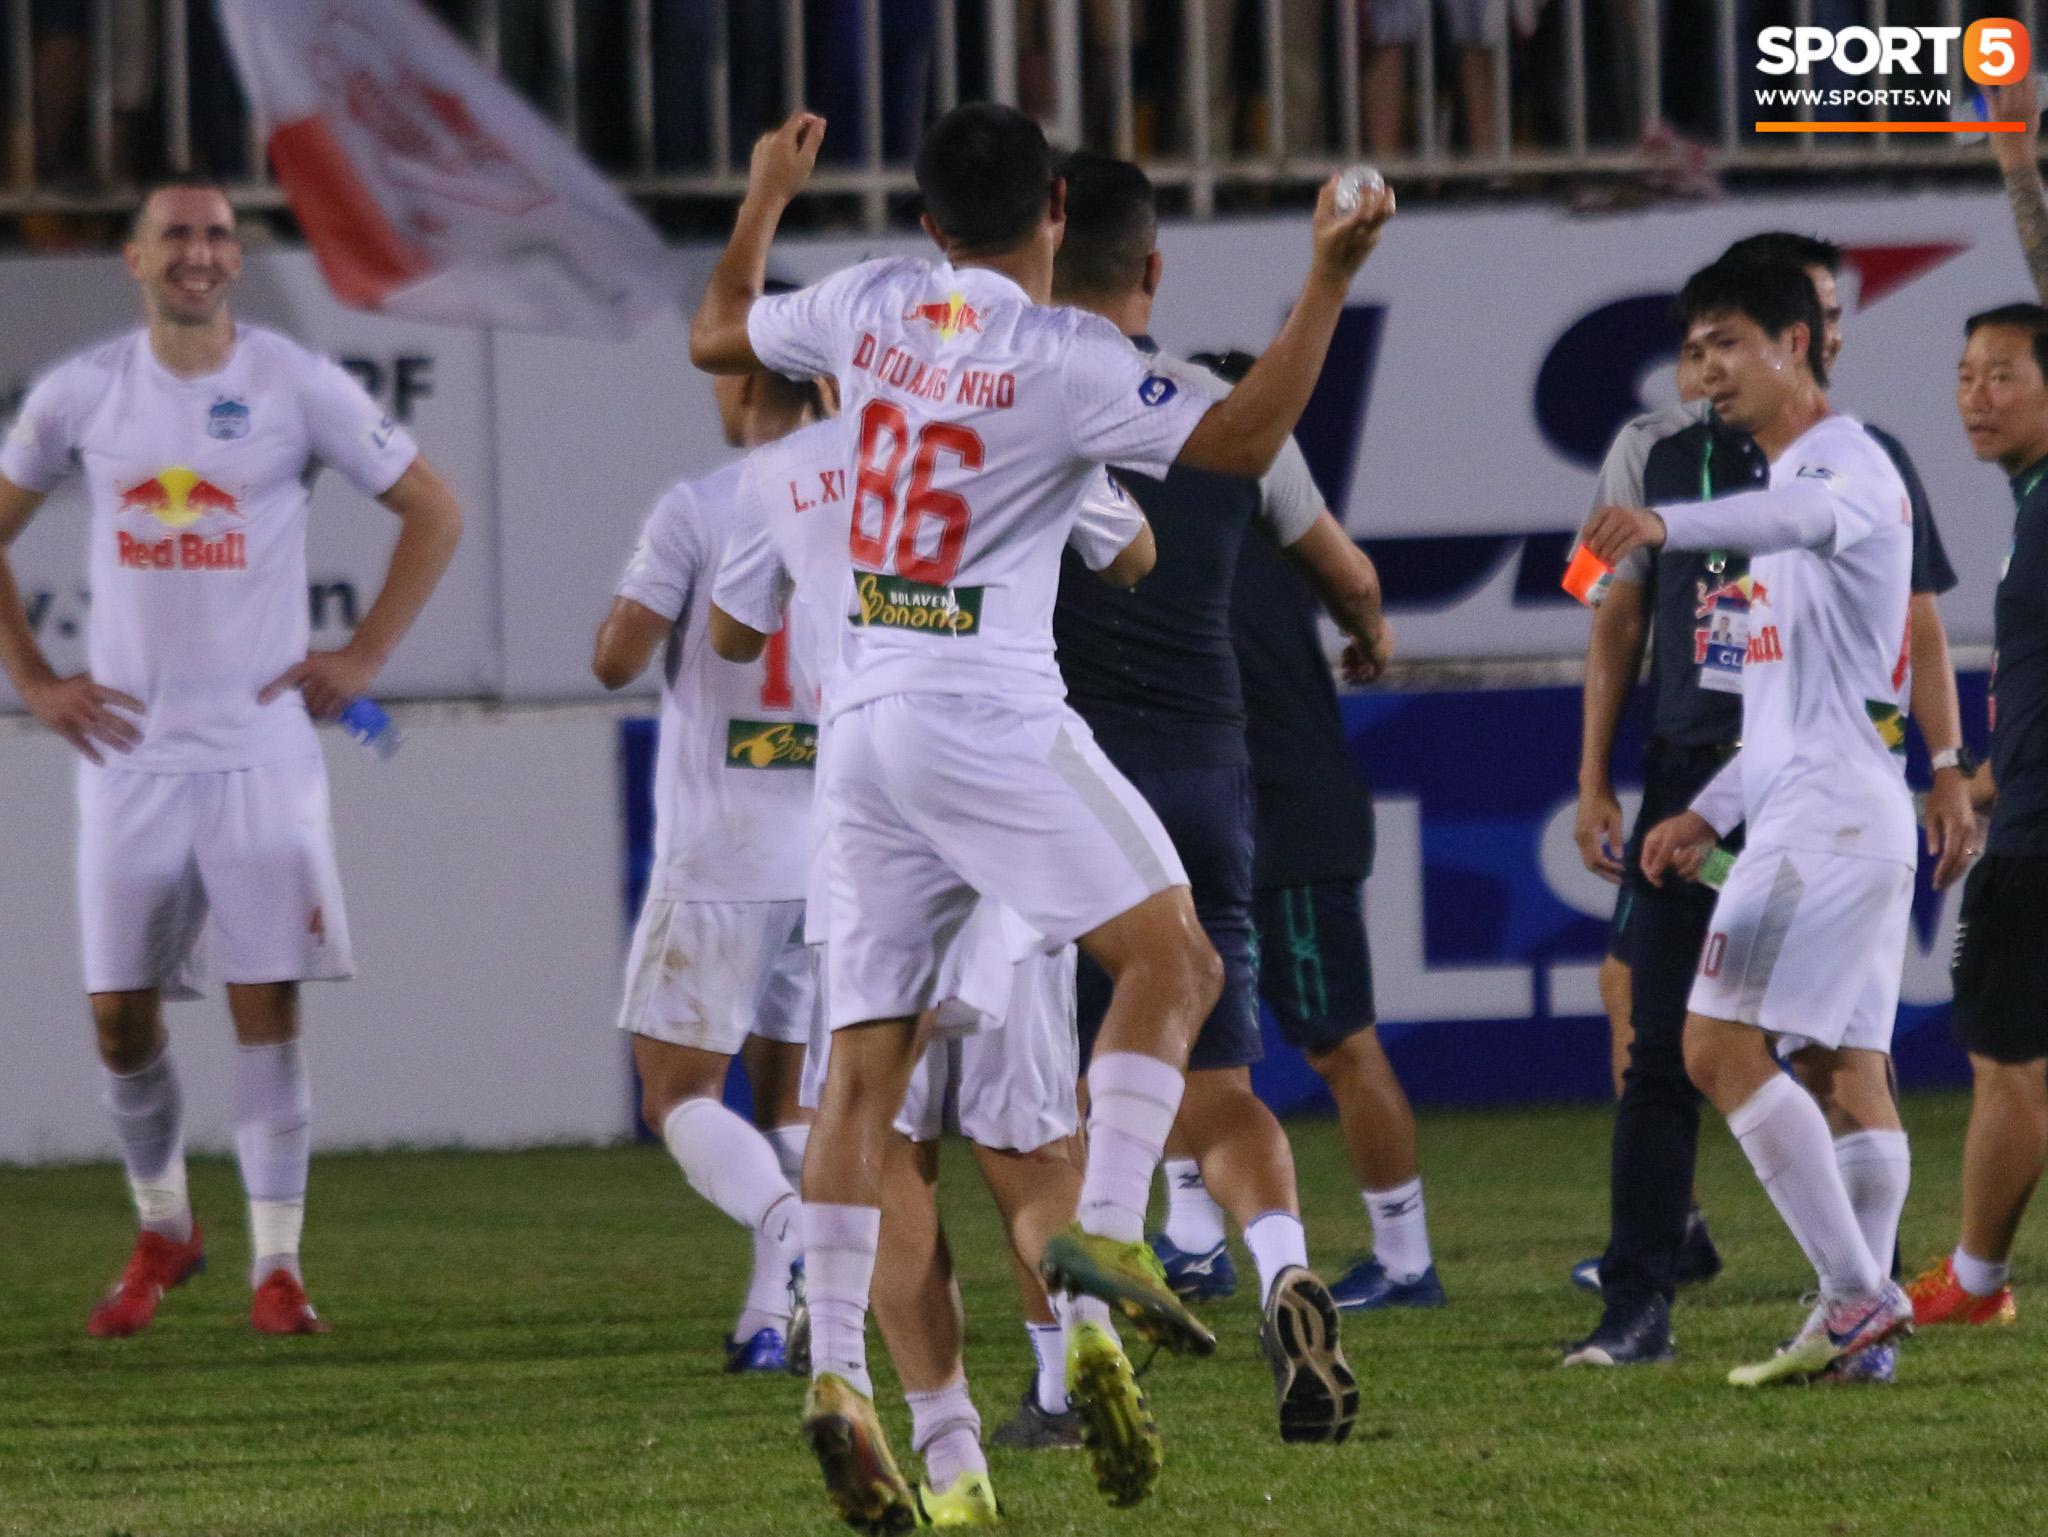 Nguyễn Tuấn Anh ăn mừng cực dị cùng Hữu Tuấn sau trận thắng Hà Nội FC - ảnh 14